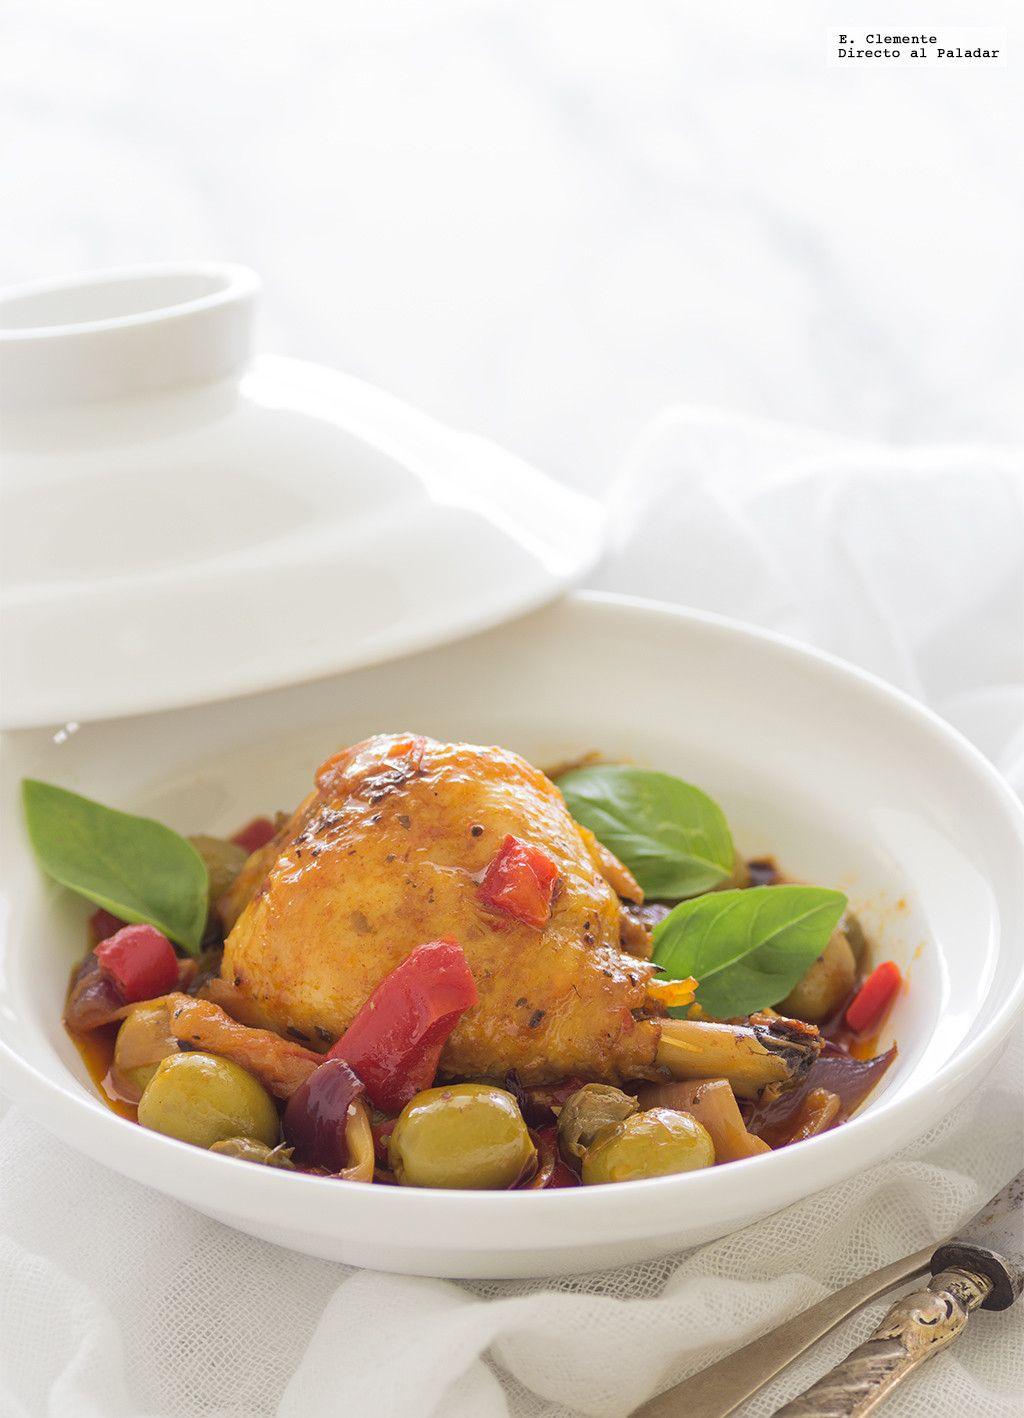 Pollo Al Estilo Mediterráneo Con Aceitunas Y Alcaparras Receta Food Healthy Recipies Work Meals